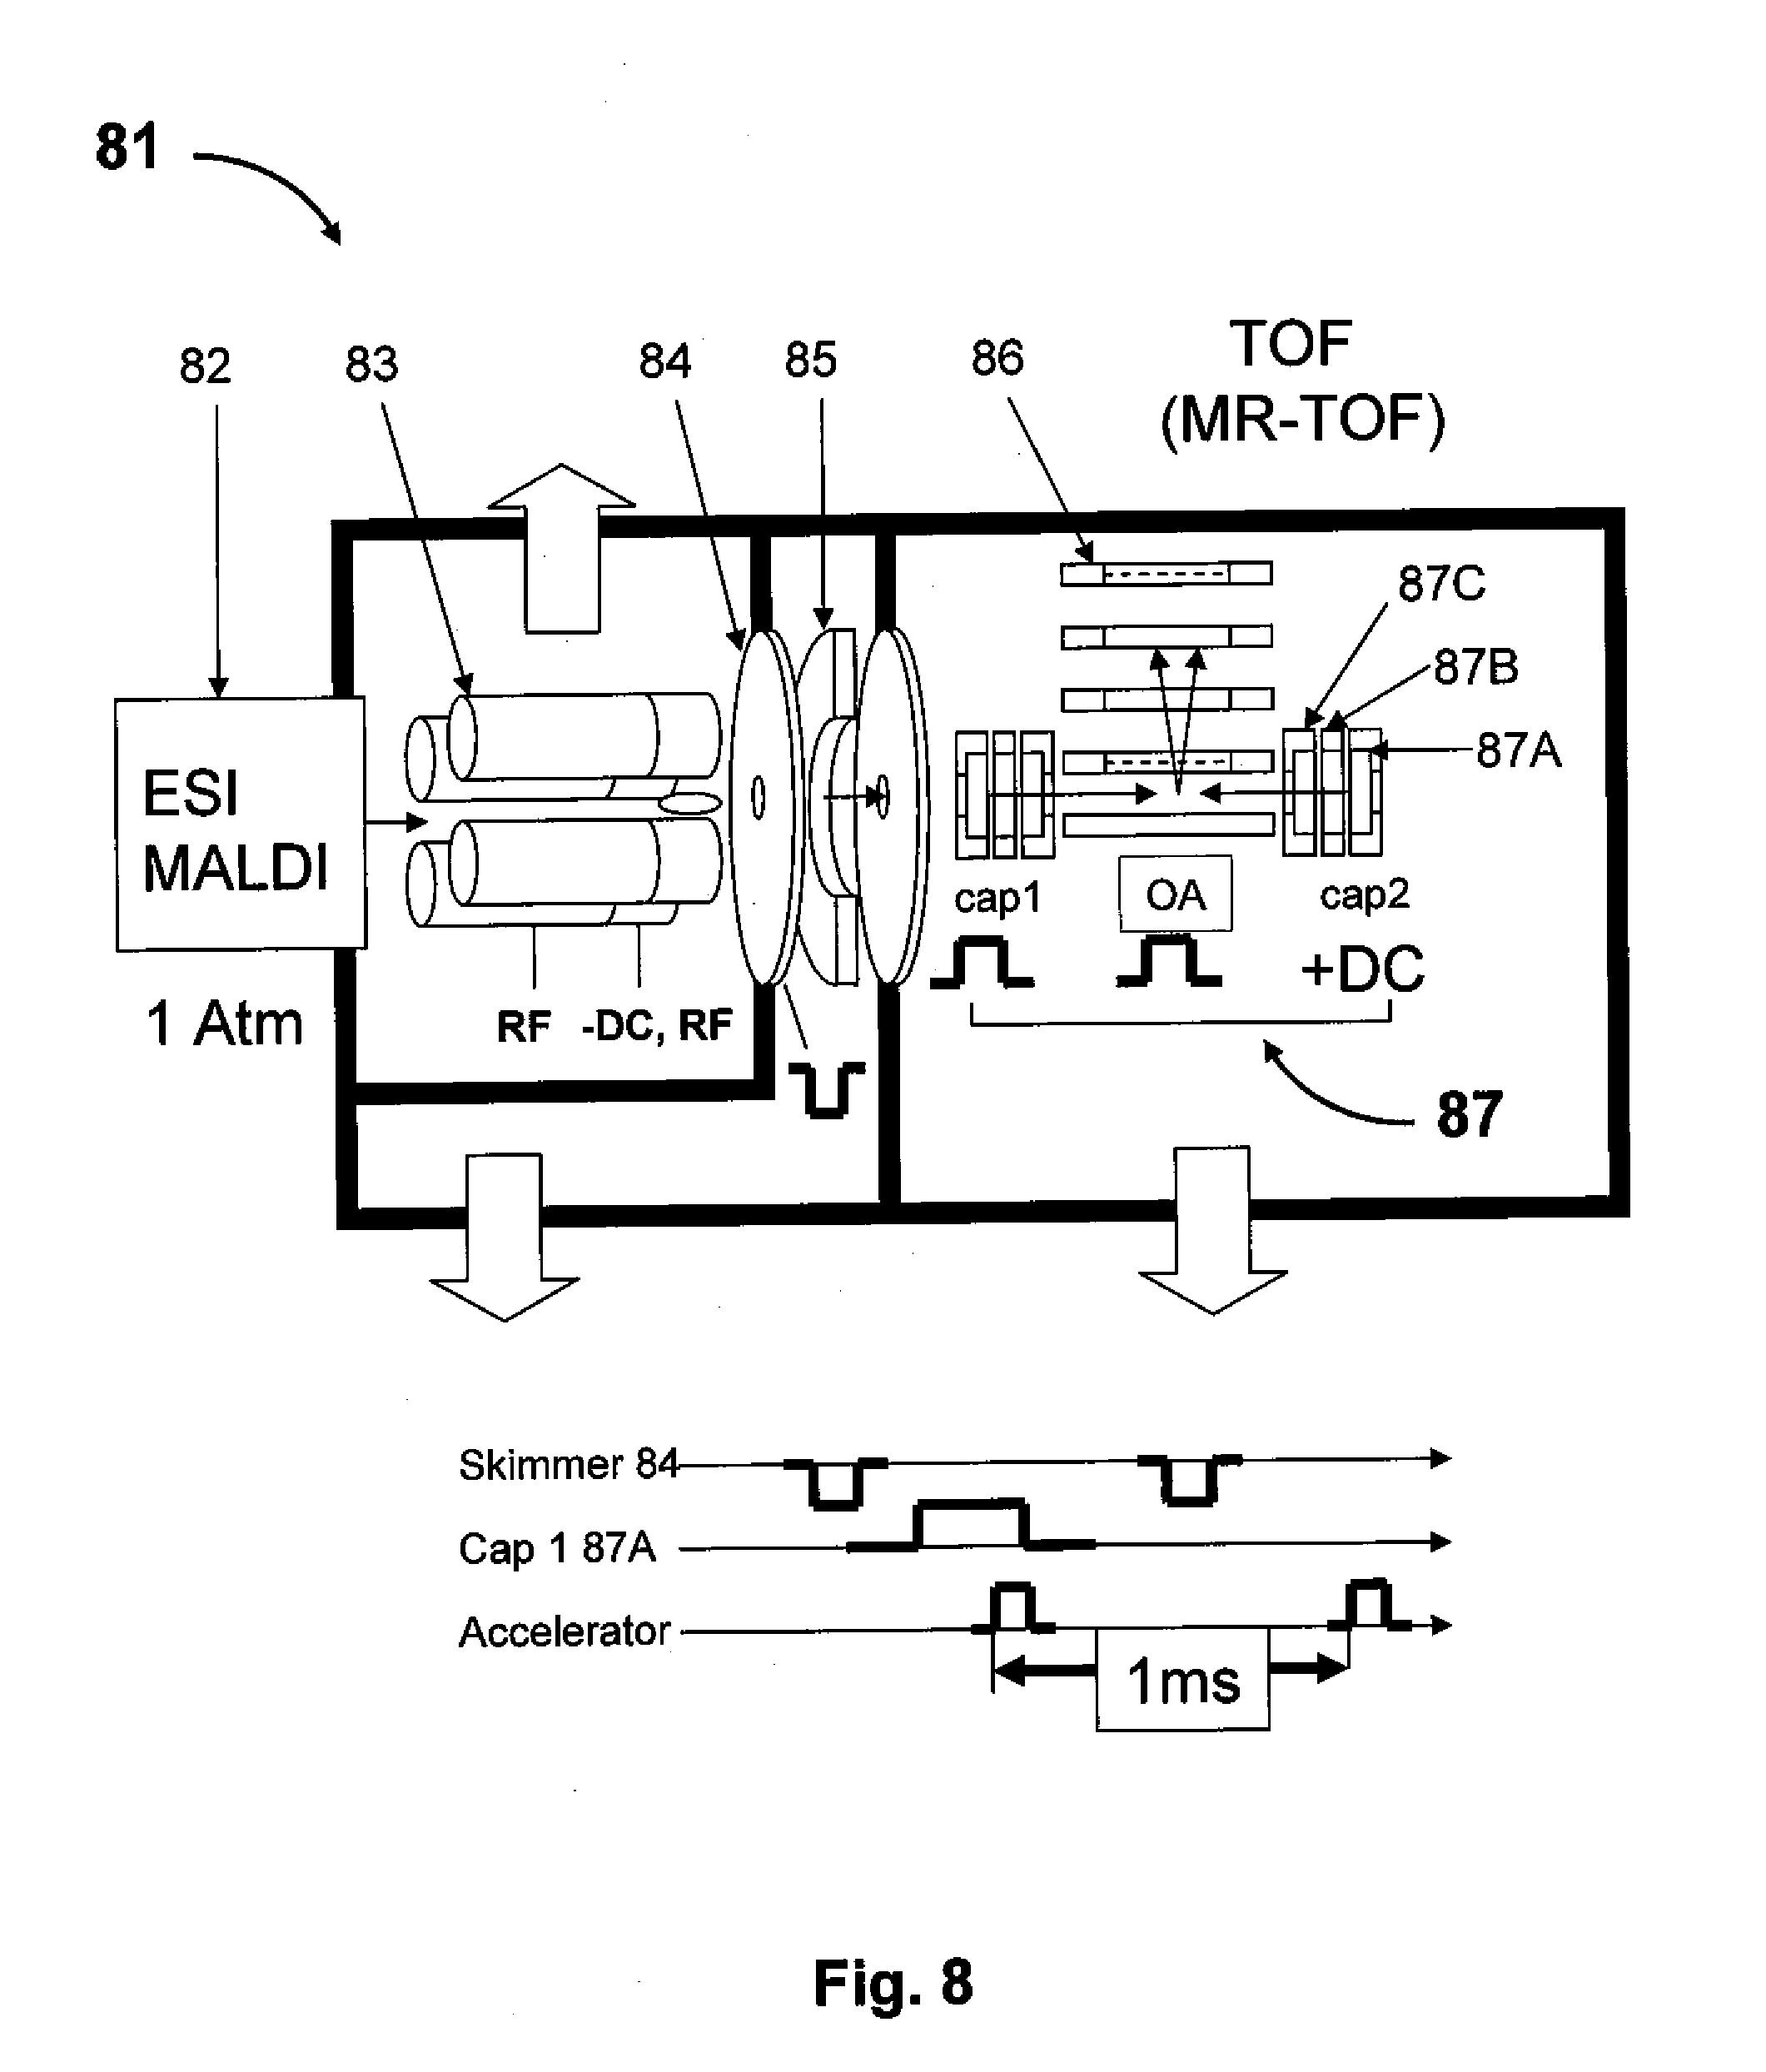 passtime wiring diagram Download-Passtime Wiring Diagram 11-p